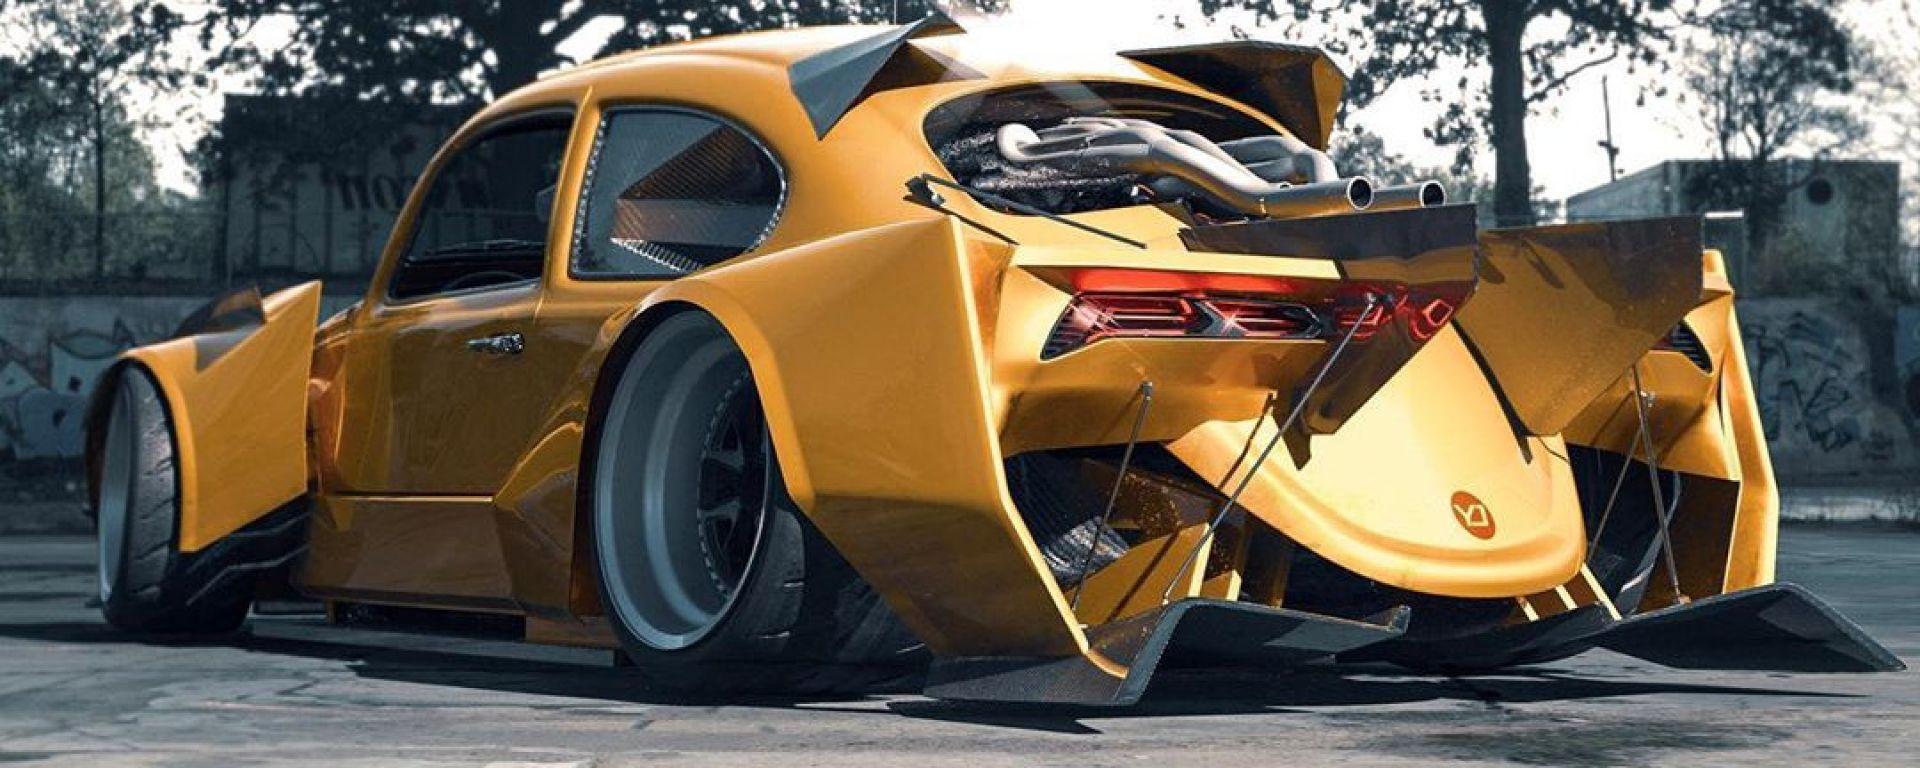 E se il Maggiolino diventasse una Corvette? 3D Art senza limiti